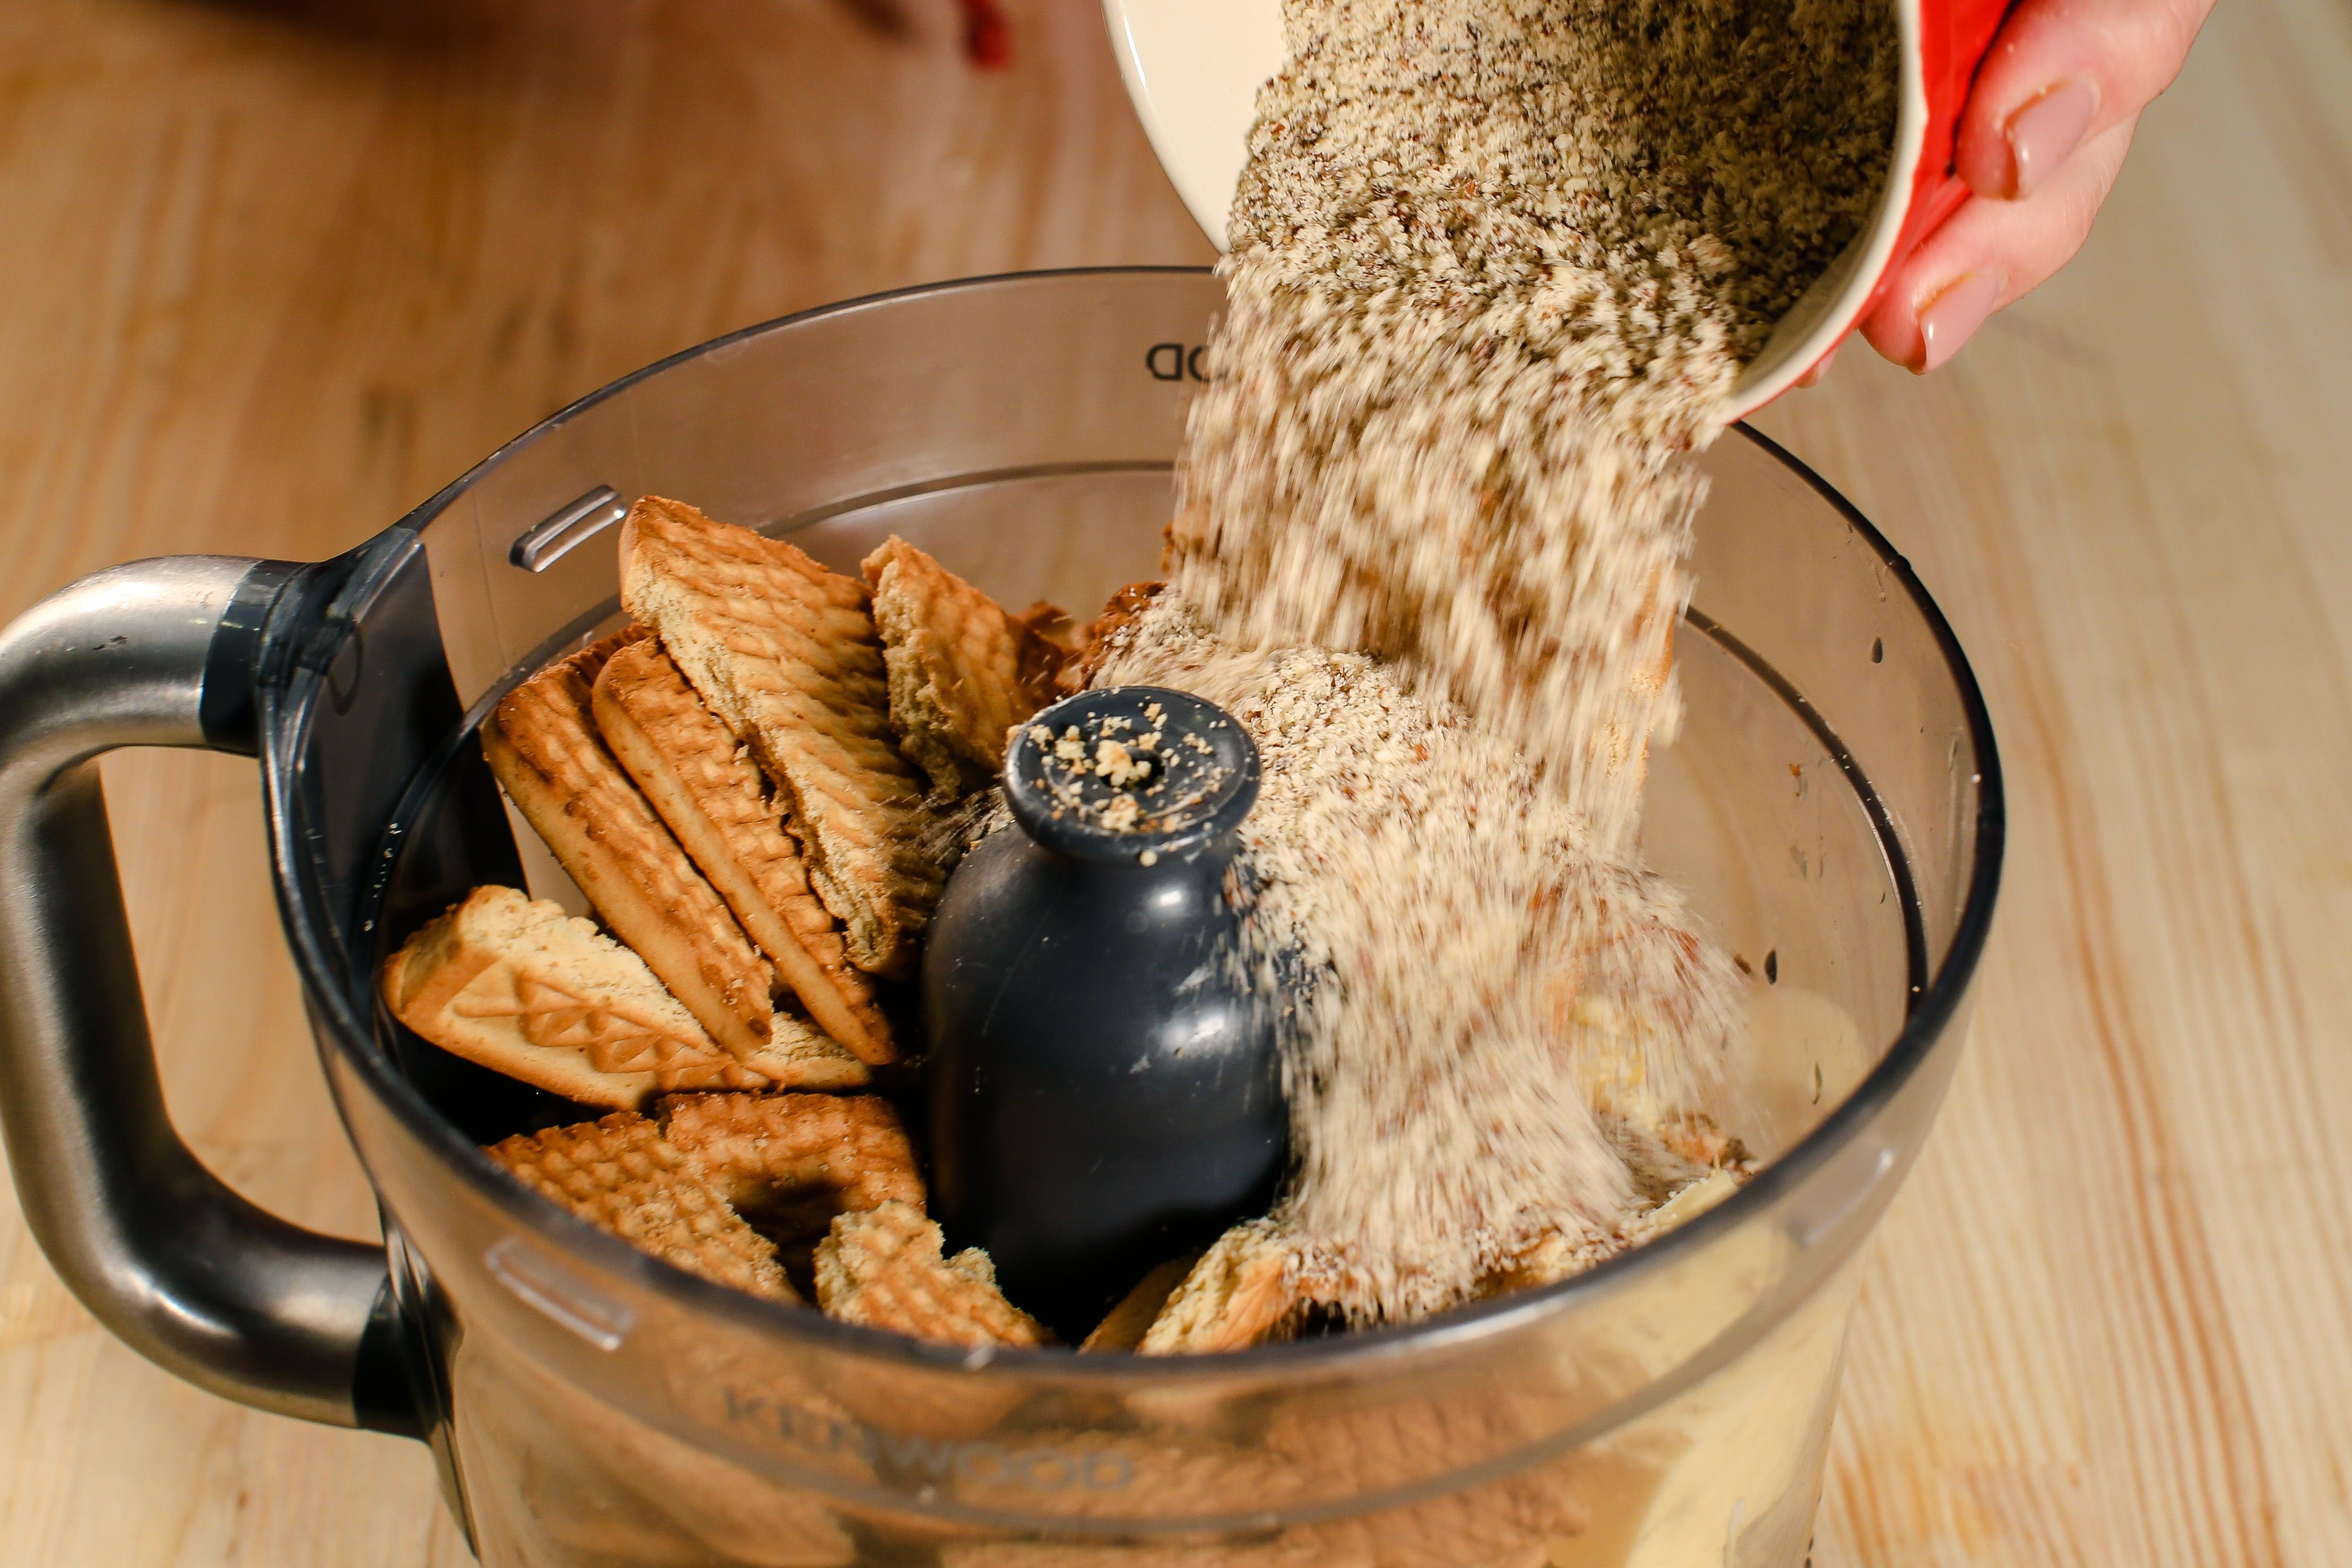 Печиво перебити з вершковим маслом, мигдалевою пудрою та сіллю і викласти його в форму, попередньо застелену пергаментним папером.